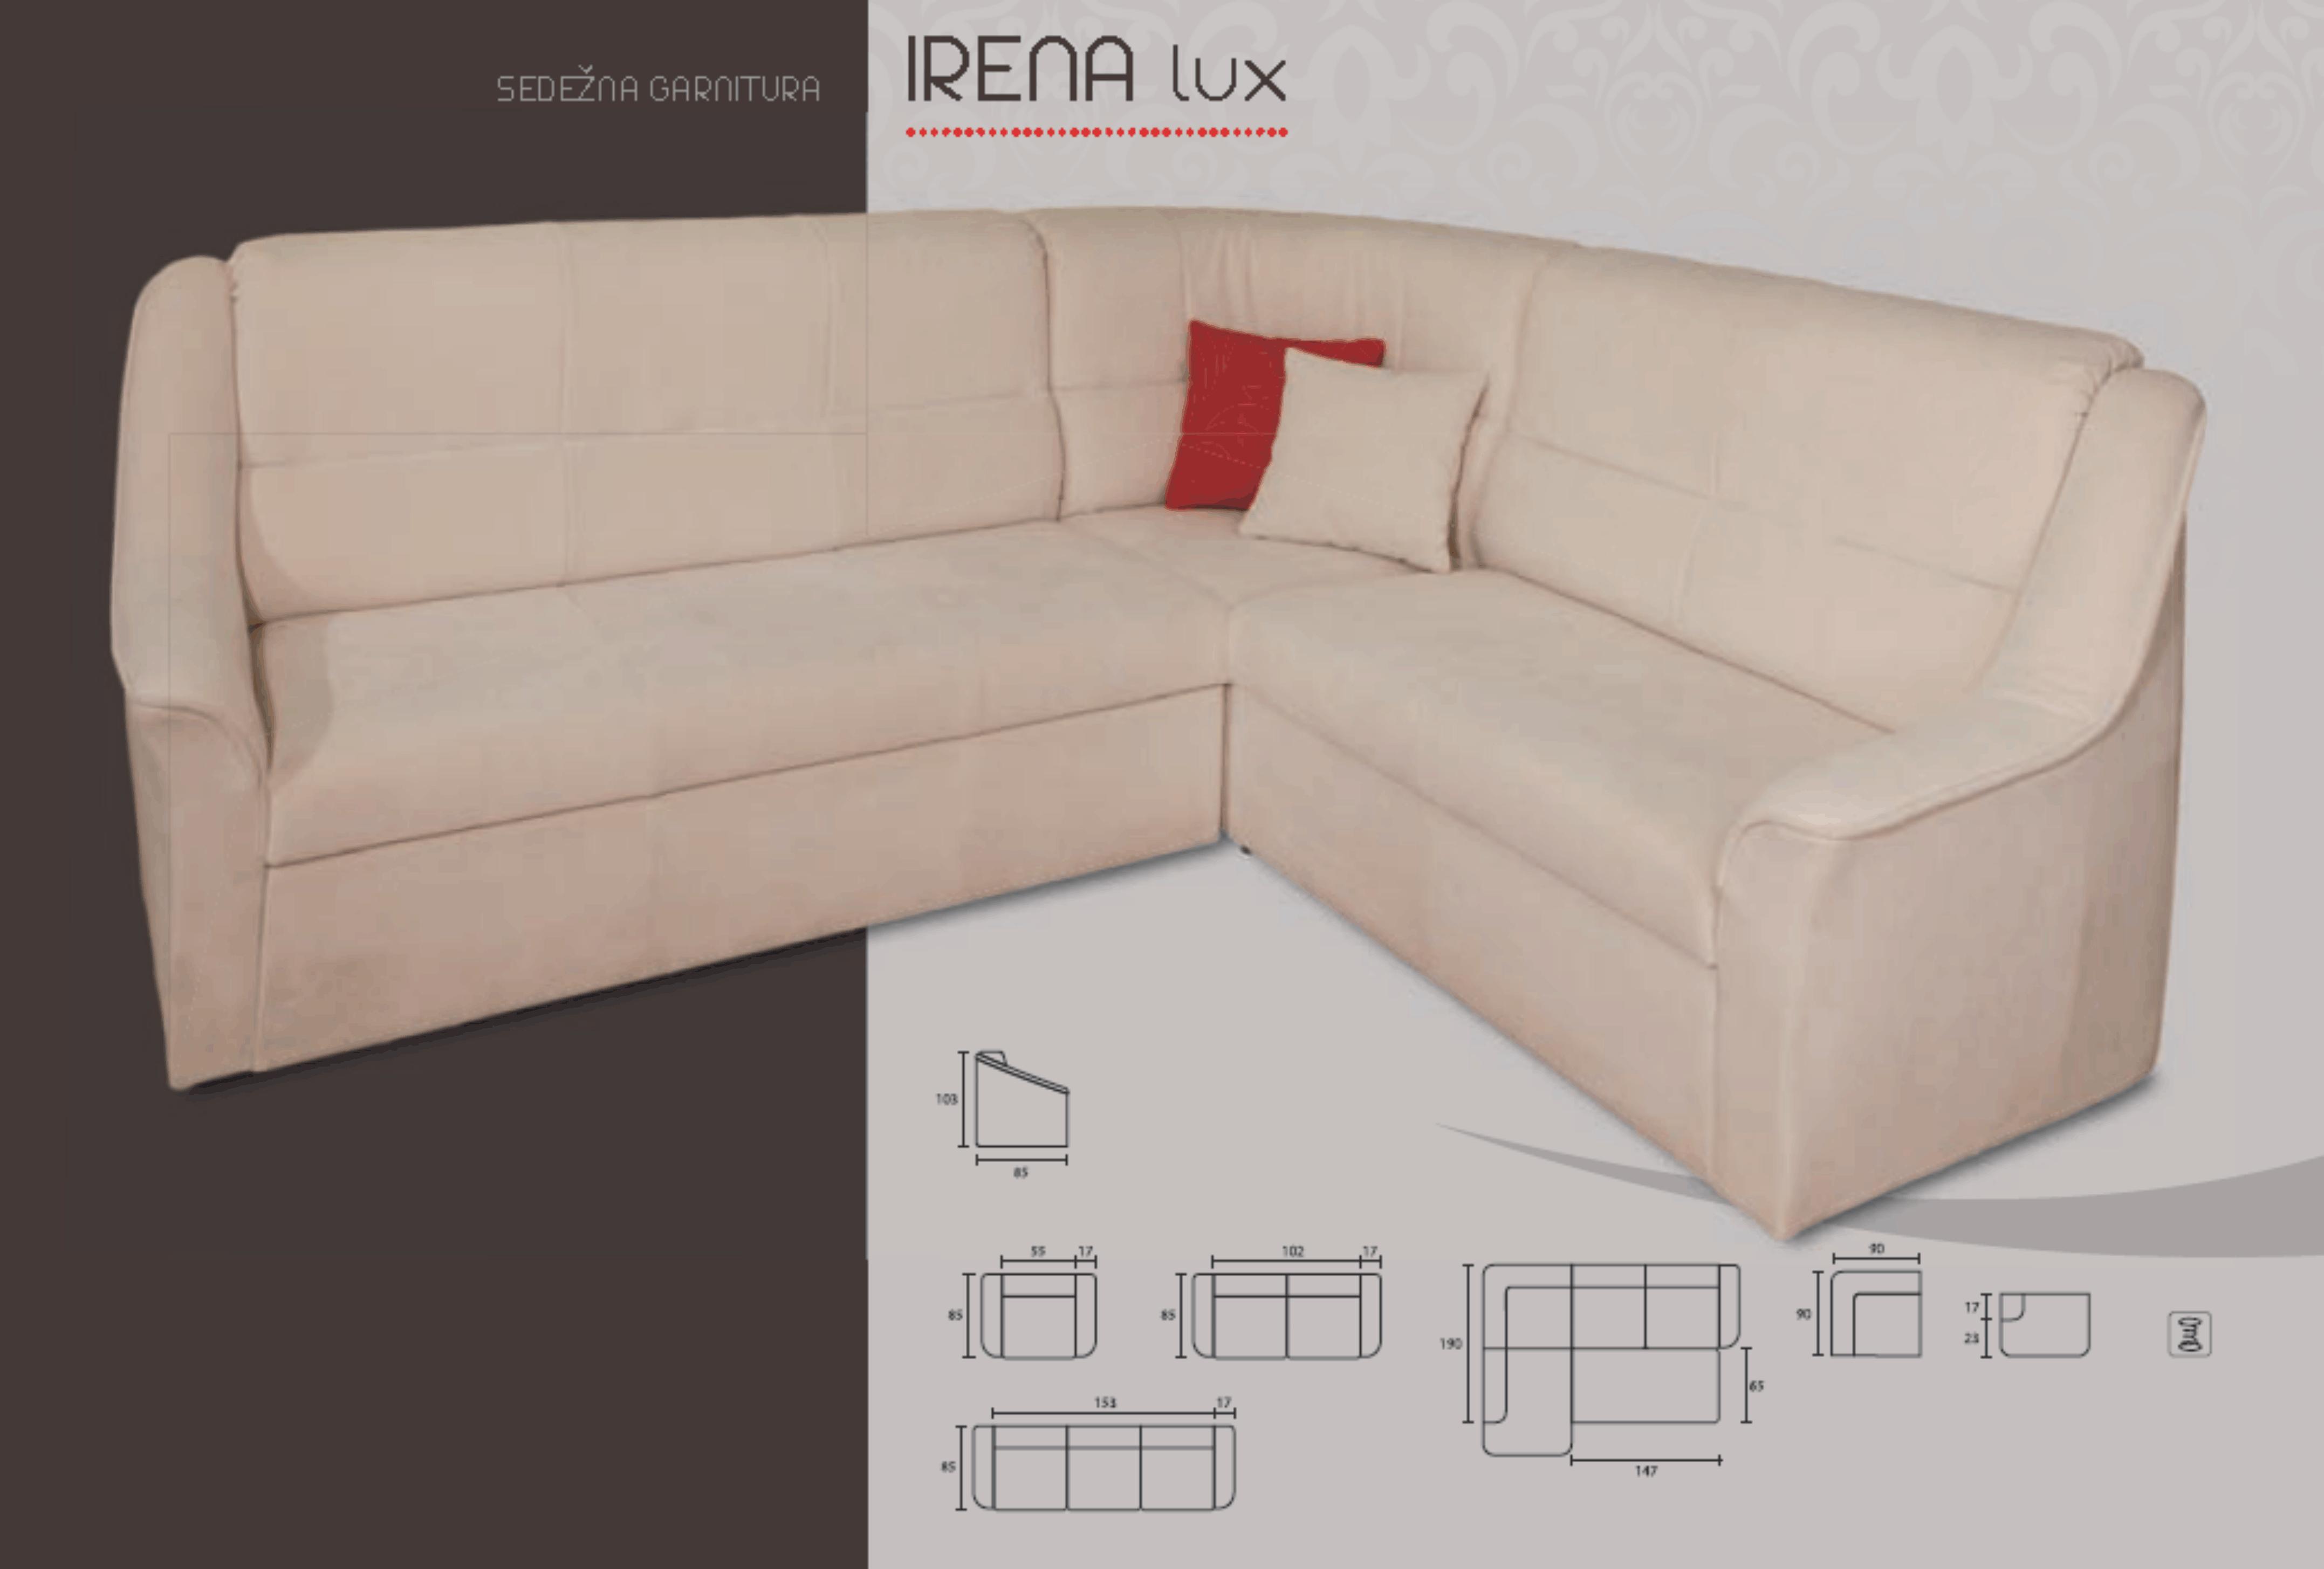 Irena Lux